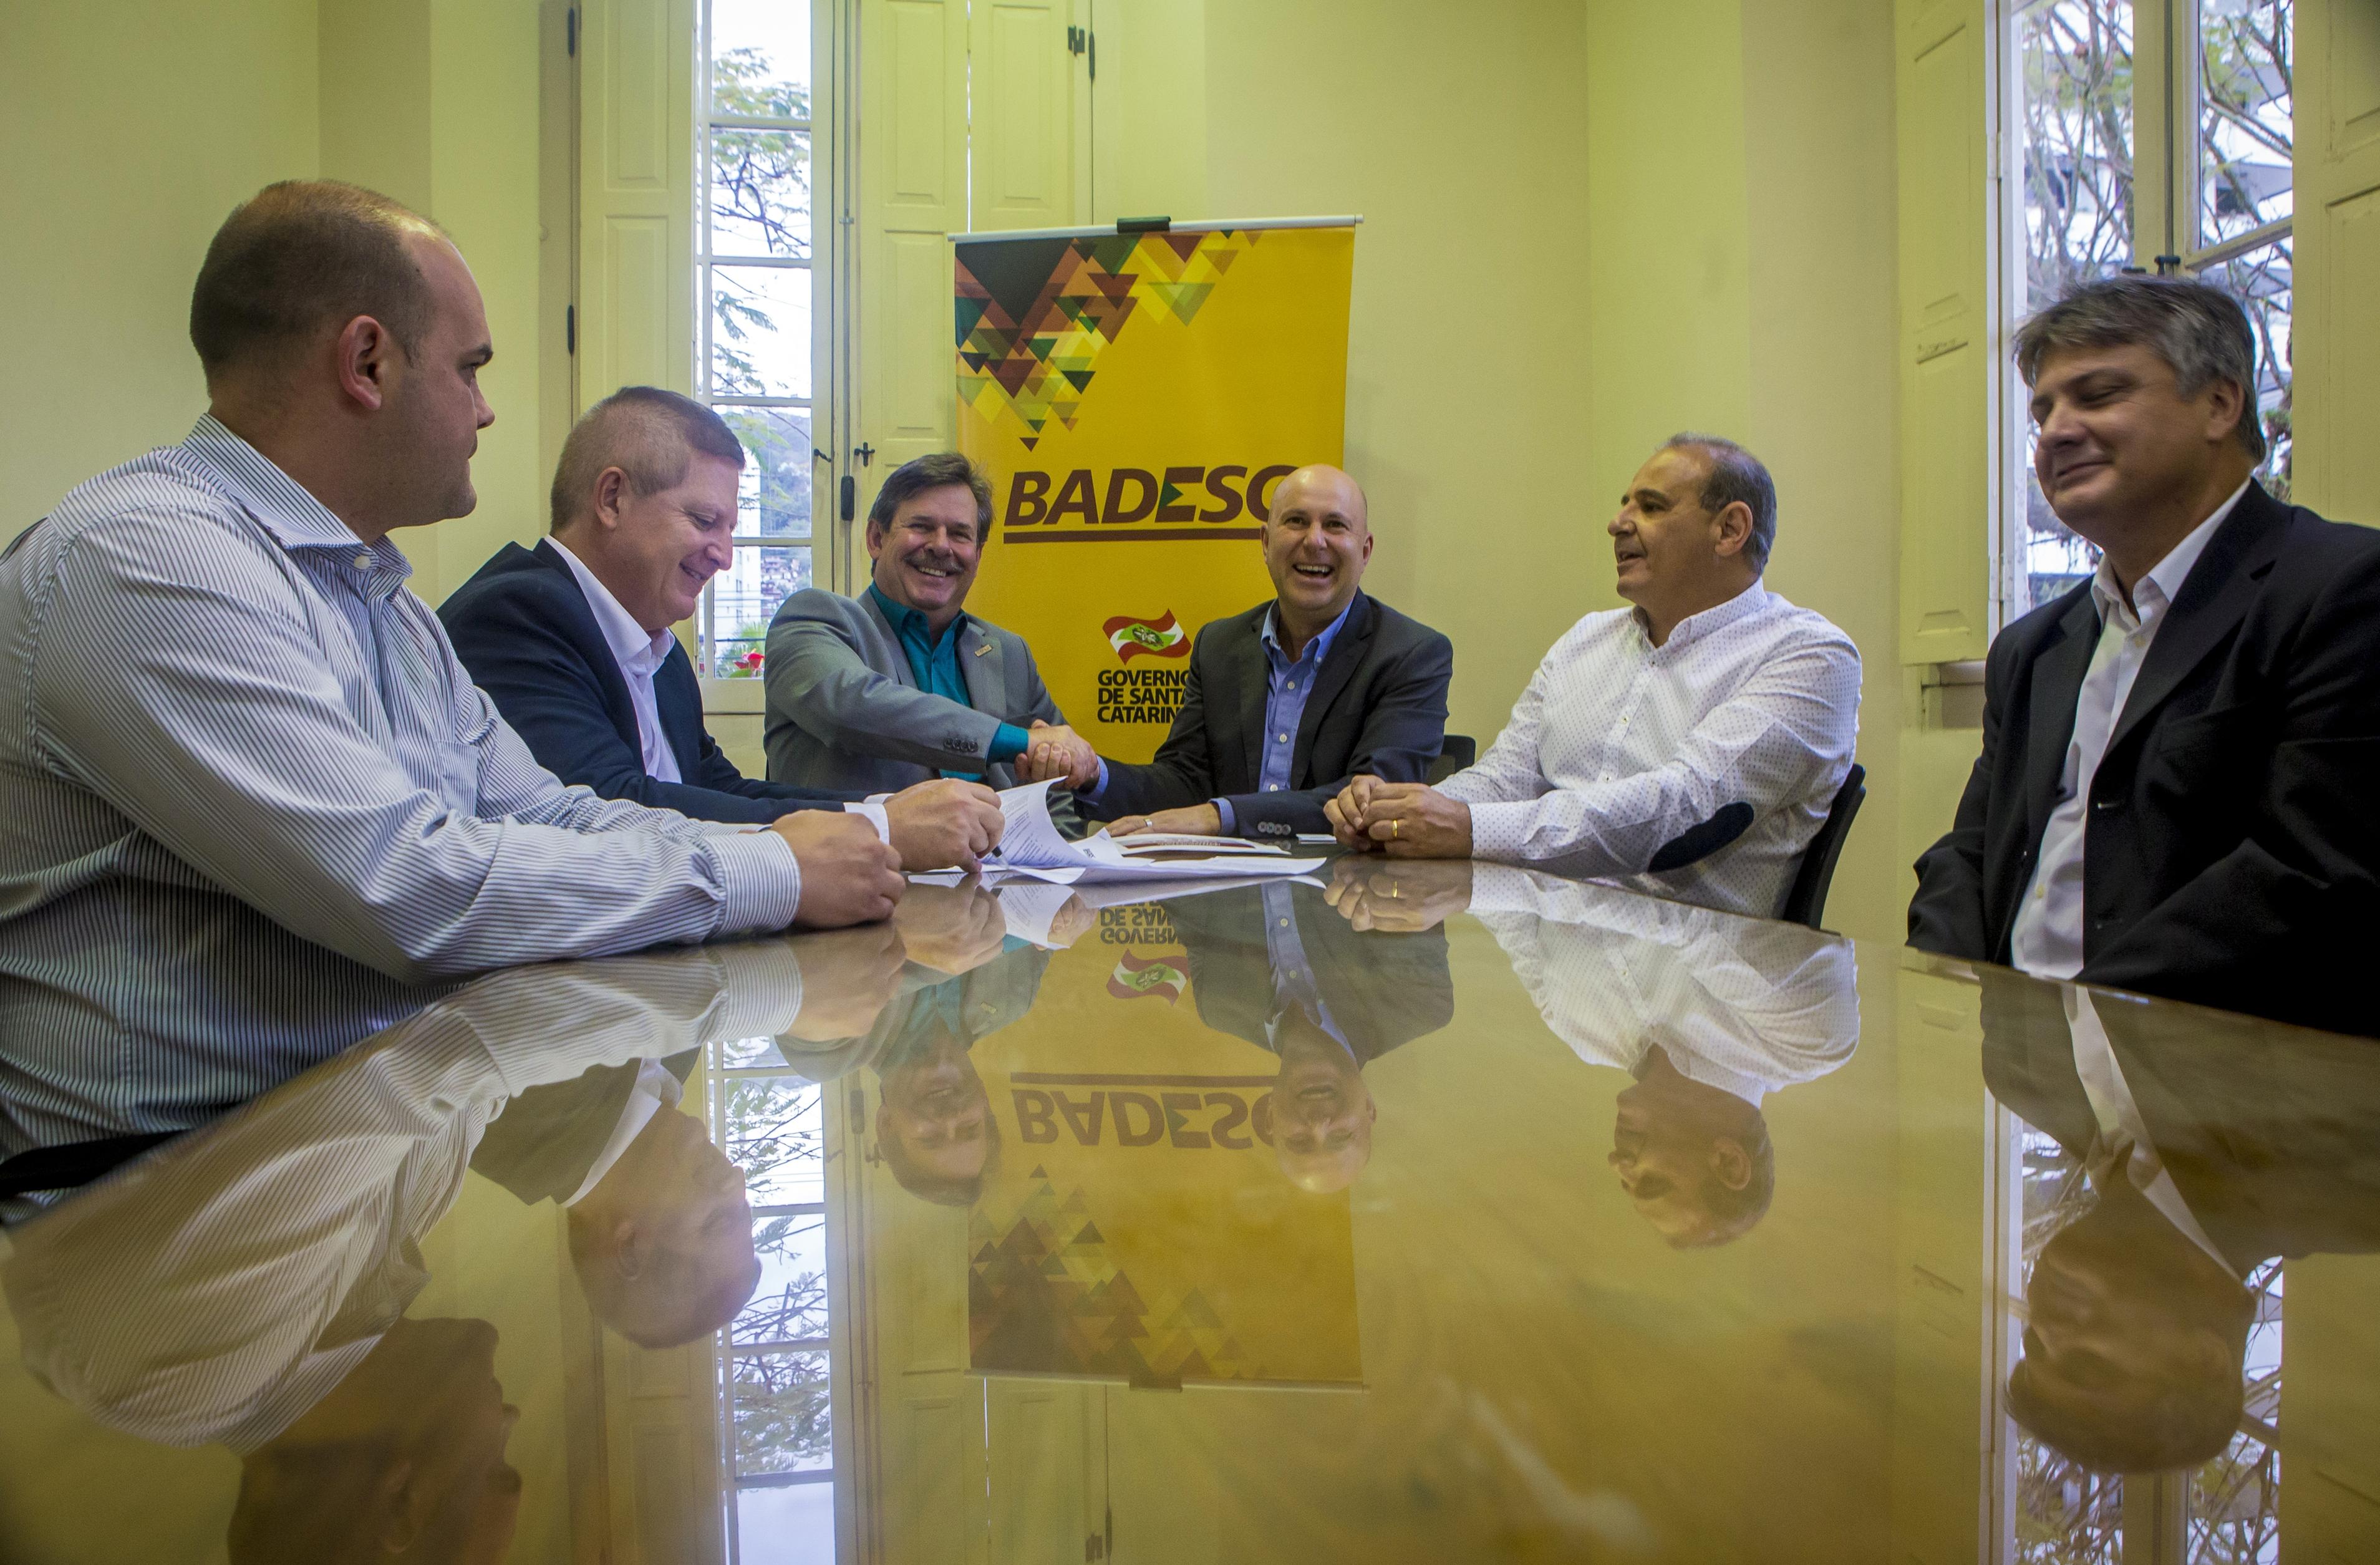 Presidente do Badesc, José Caramori e presidente da Acaert, Marcelo Corrêa Petrelli, participaram do evento de lançamento da linha de crédito - Flávio Tin/ND